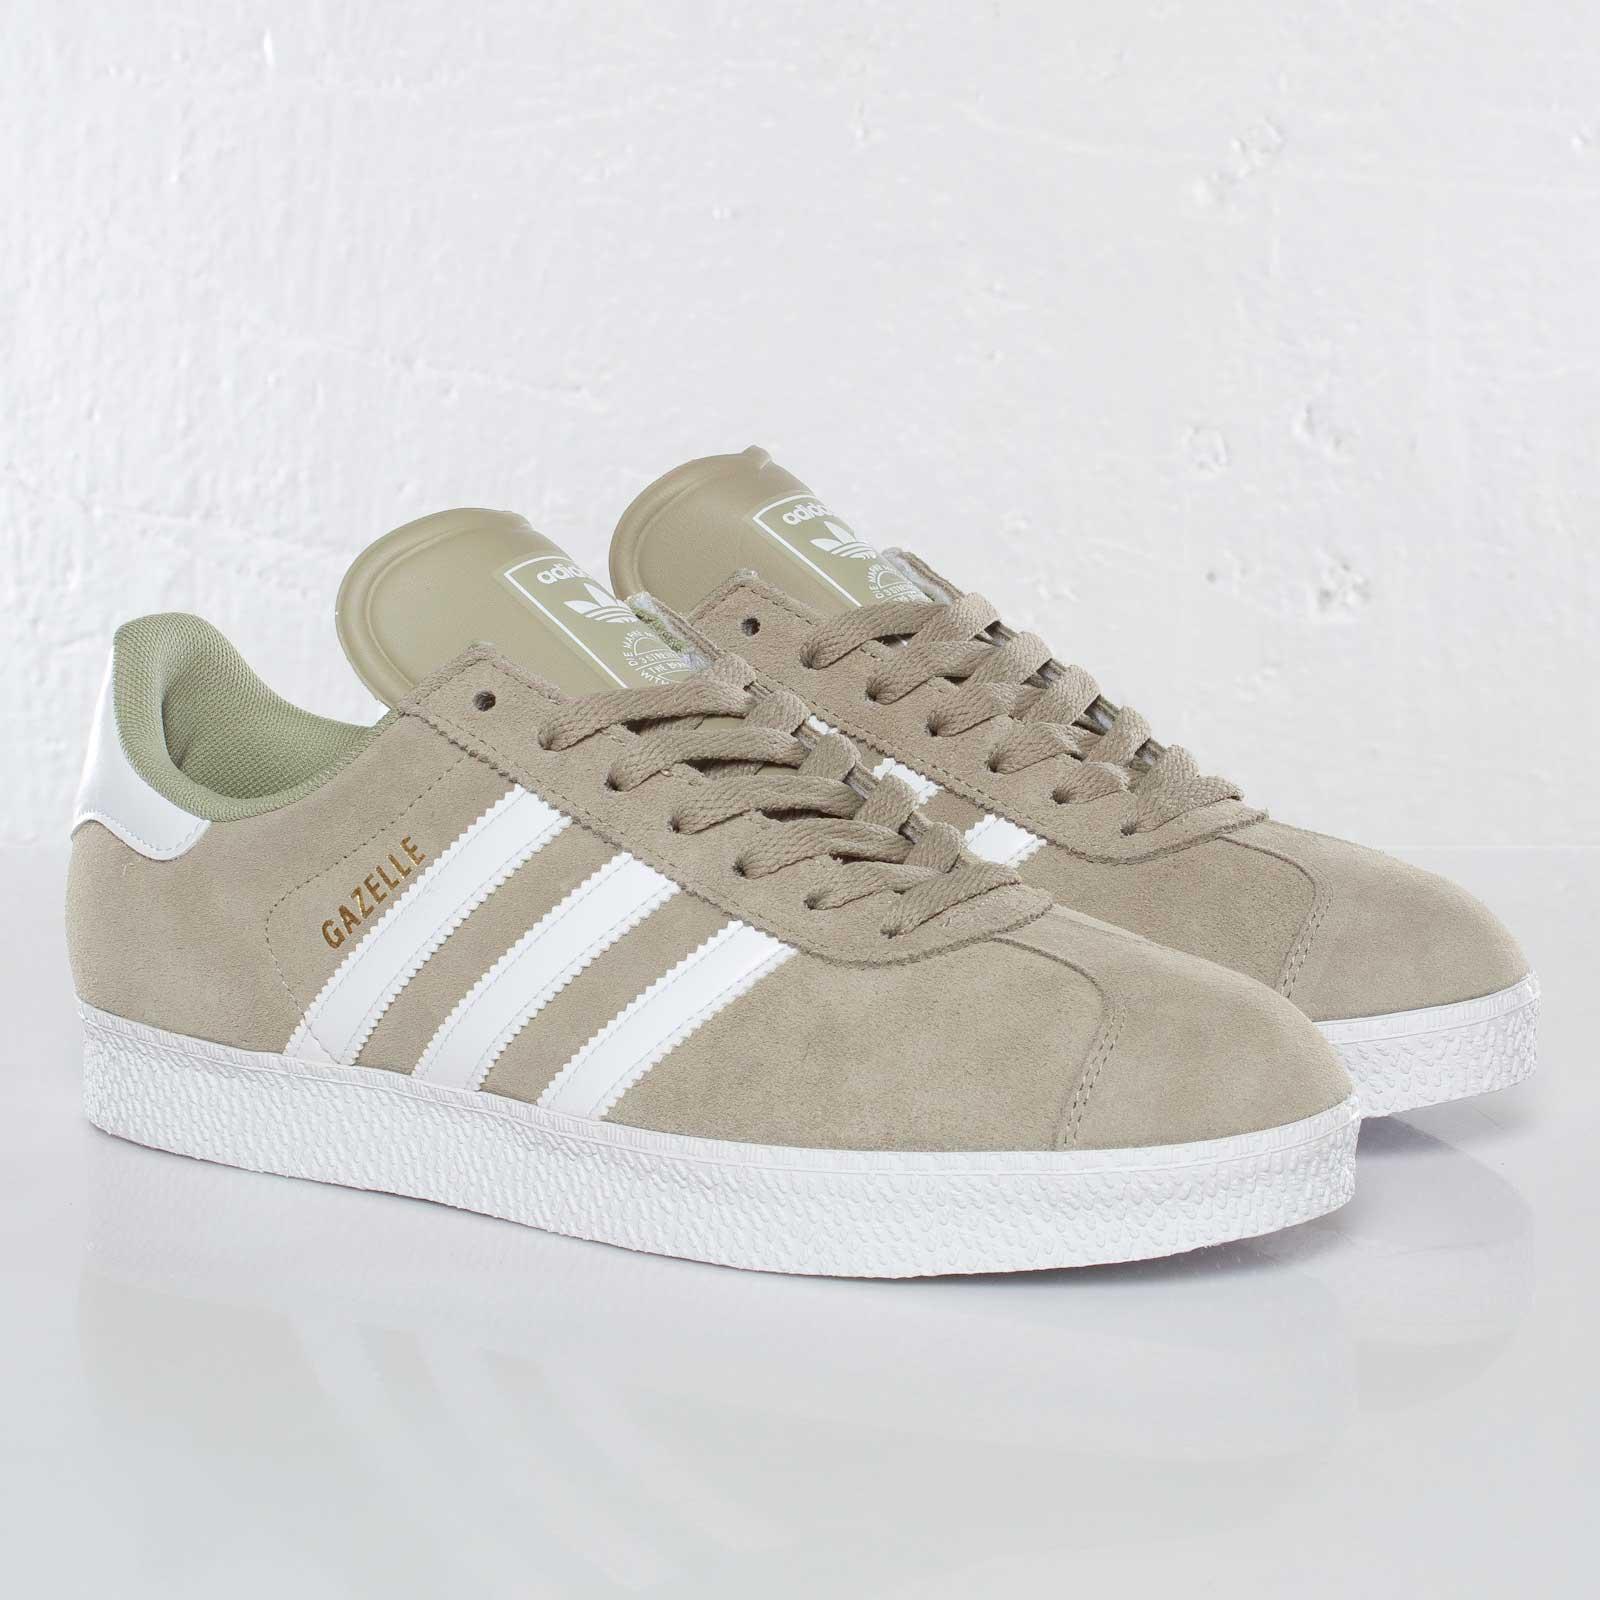 adidas Gazelle II - Q23103 - SNS | sneakers & streetwear online ...